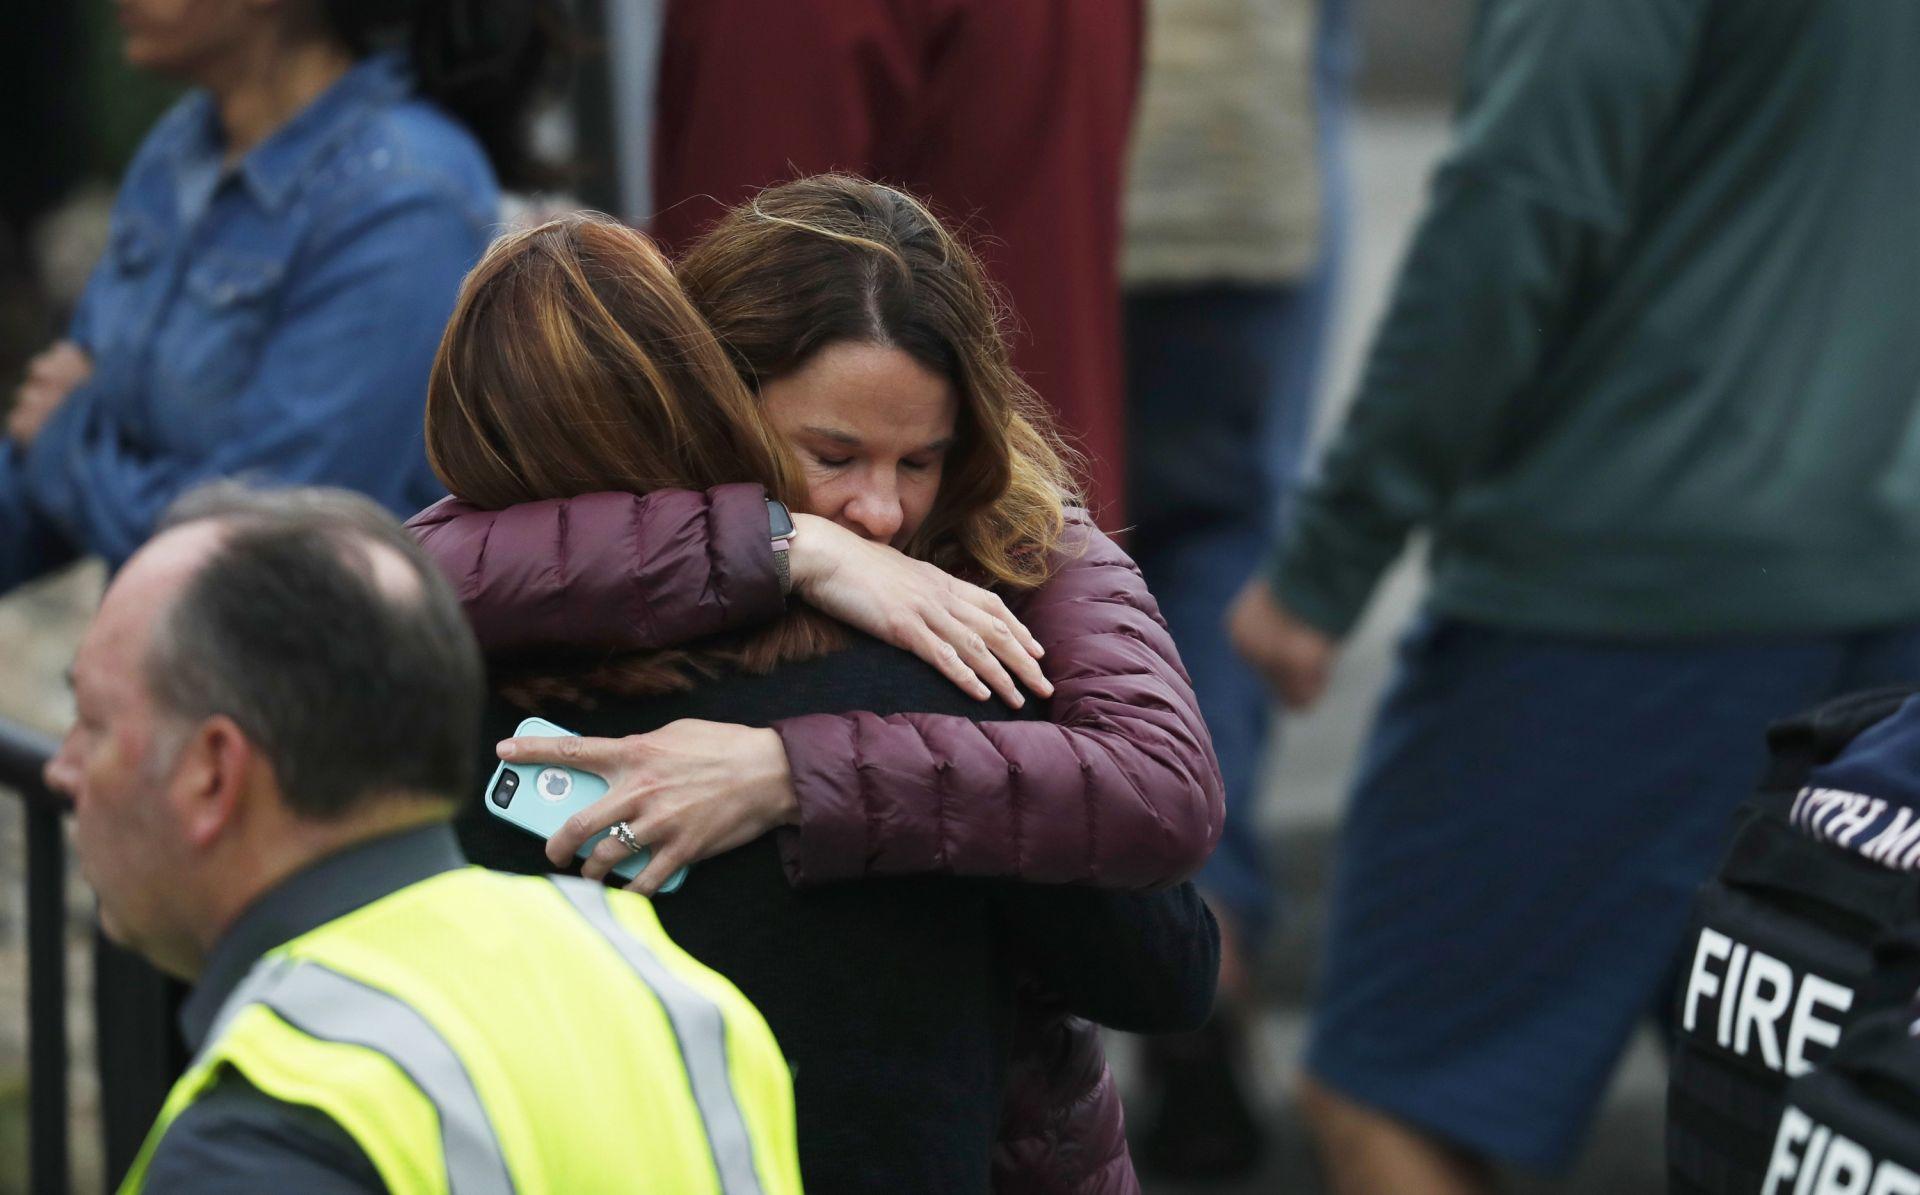 Майка прегръща дъщеря си след стрелбата в училището